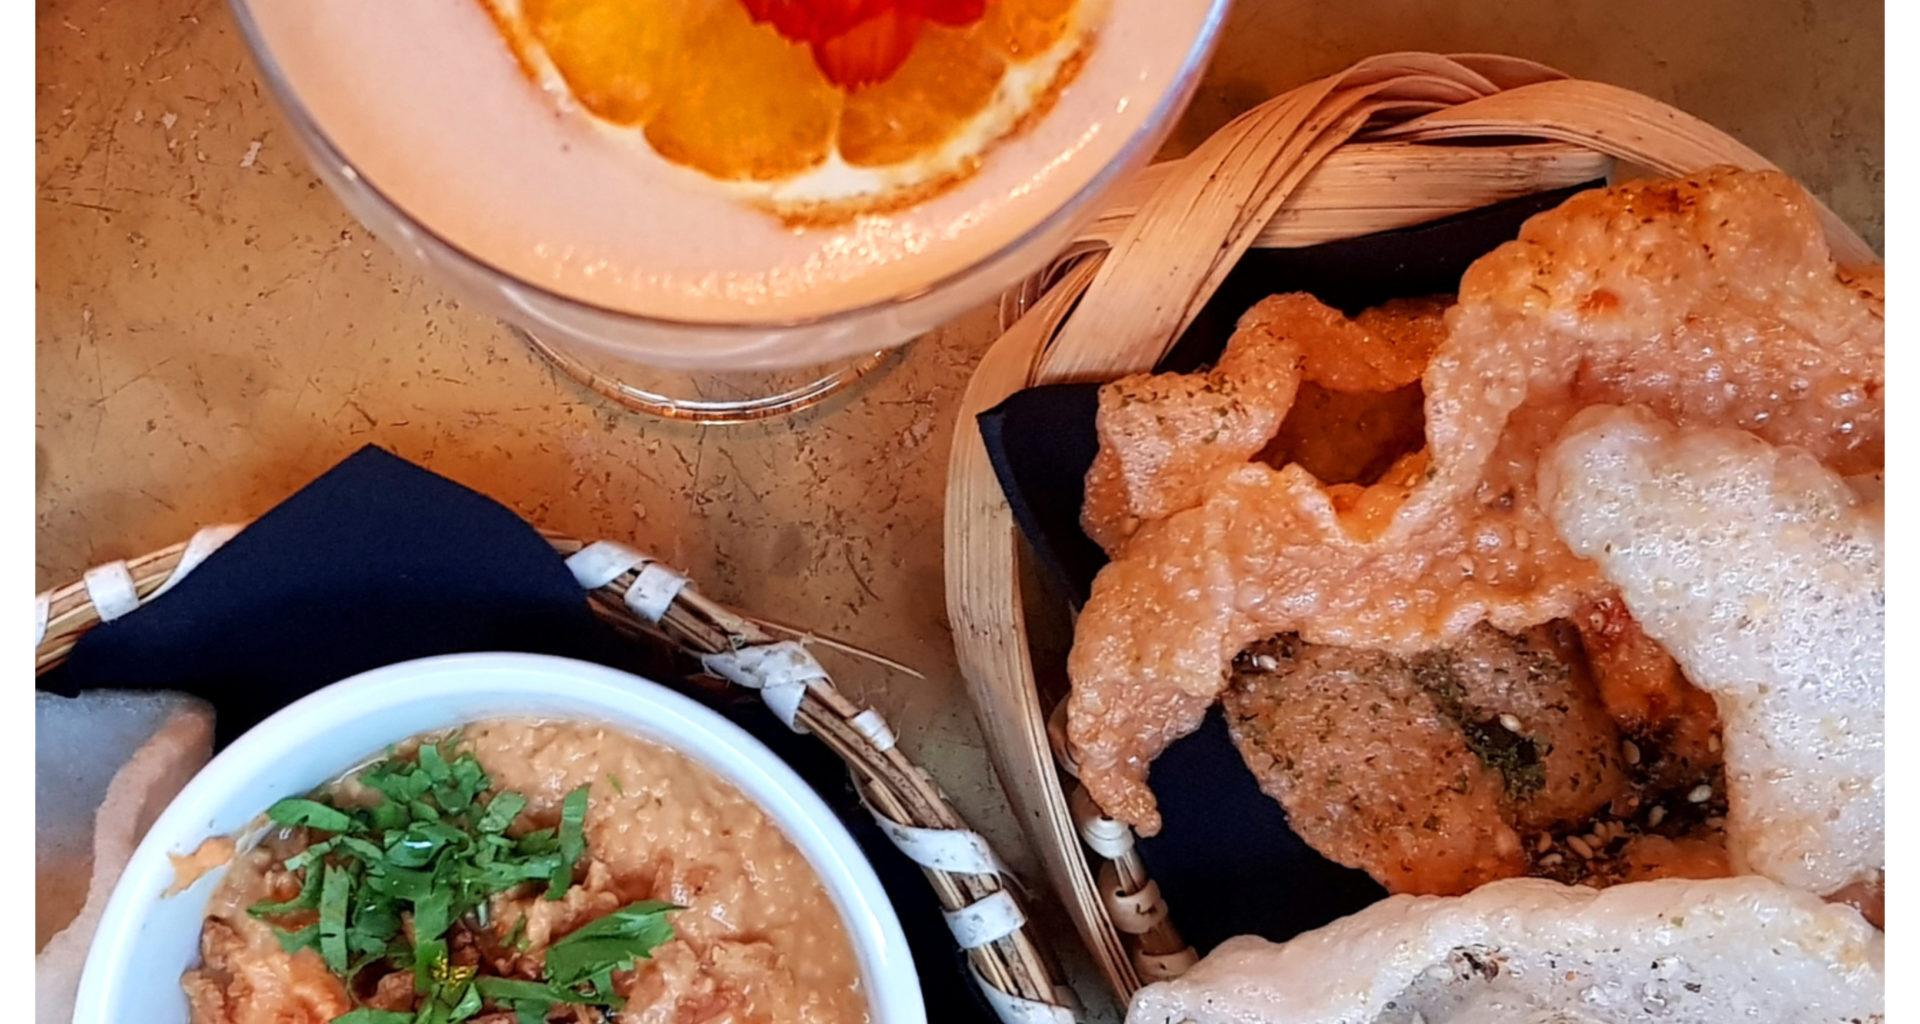 madame-pang-bordeaux-cocktail-humus-chips-asiatique